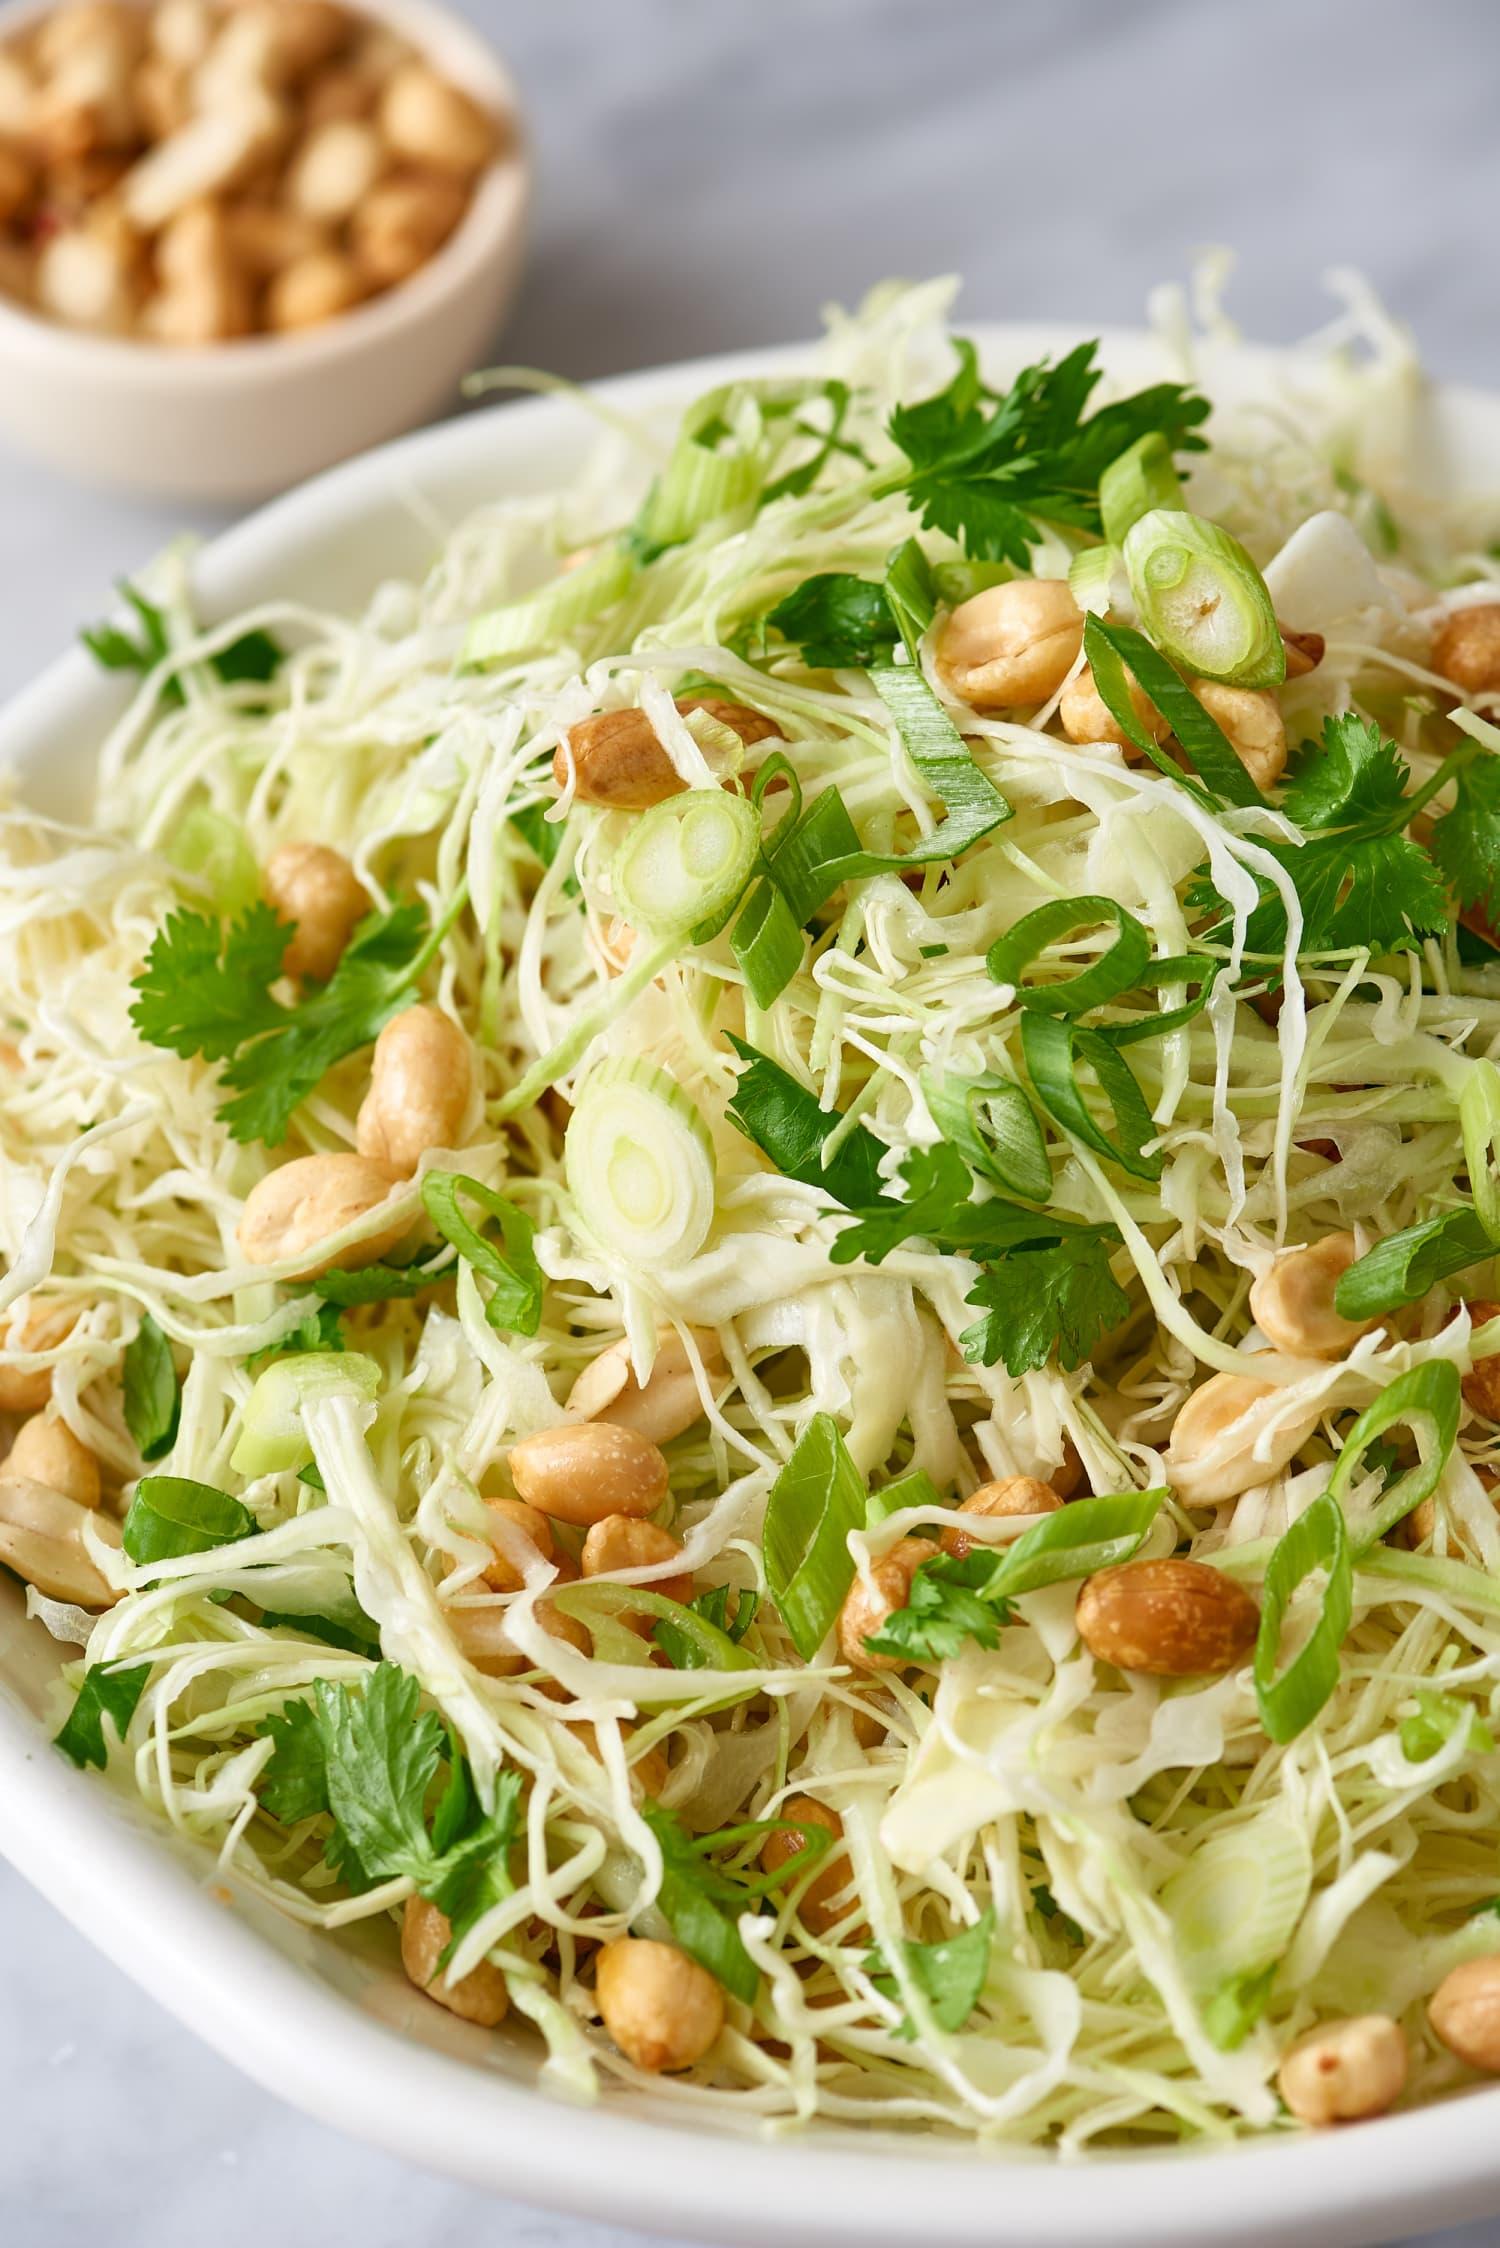 Recipe: Crunchy Cabbage & Peanut Slaw